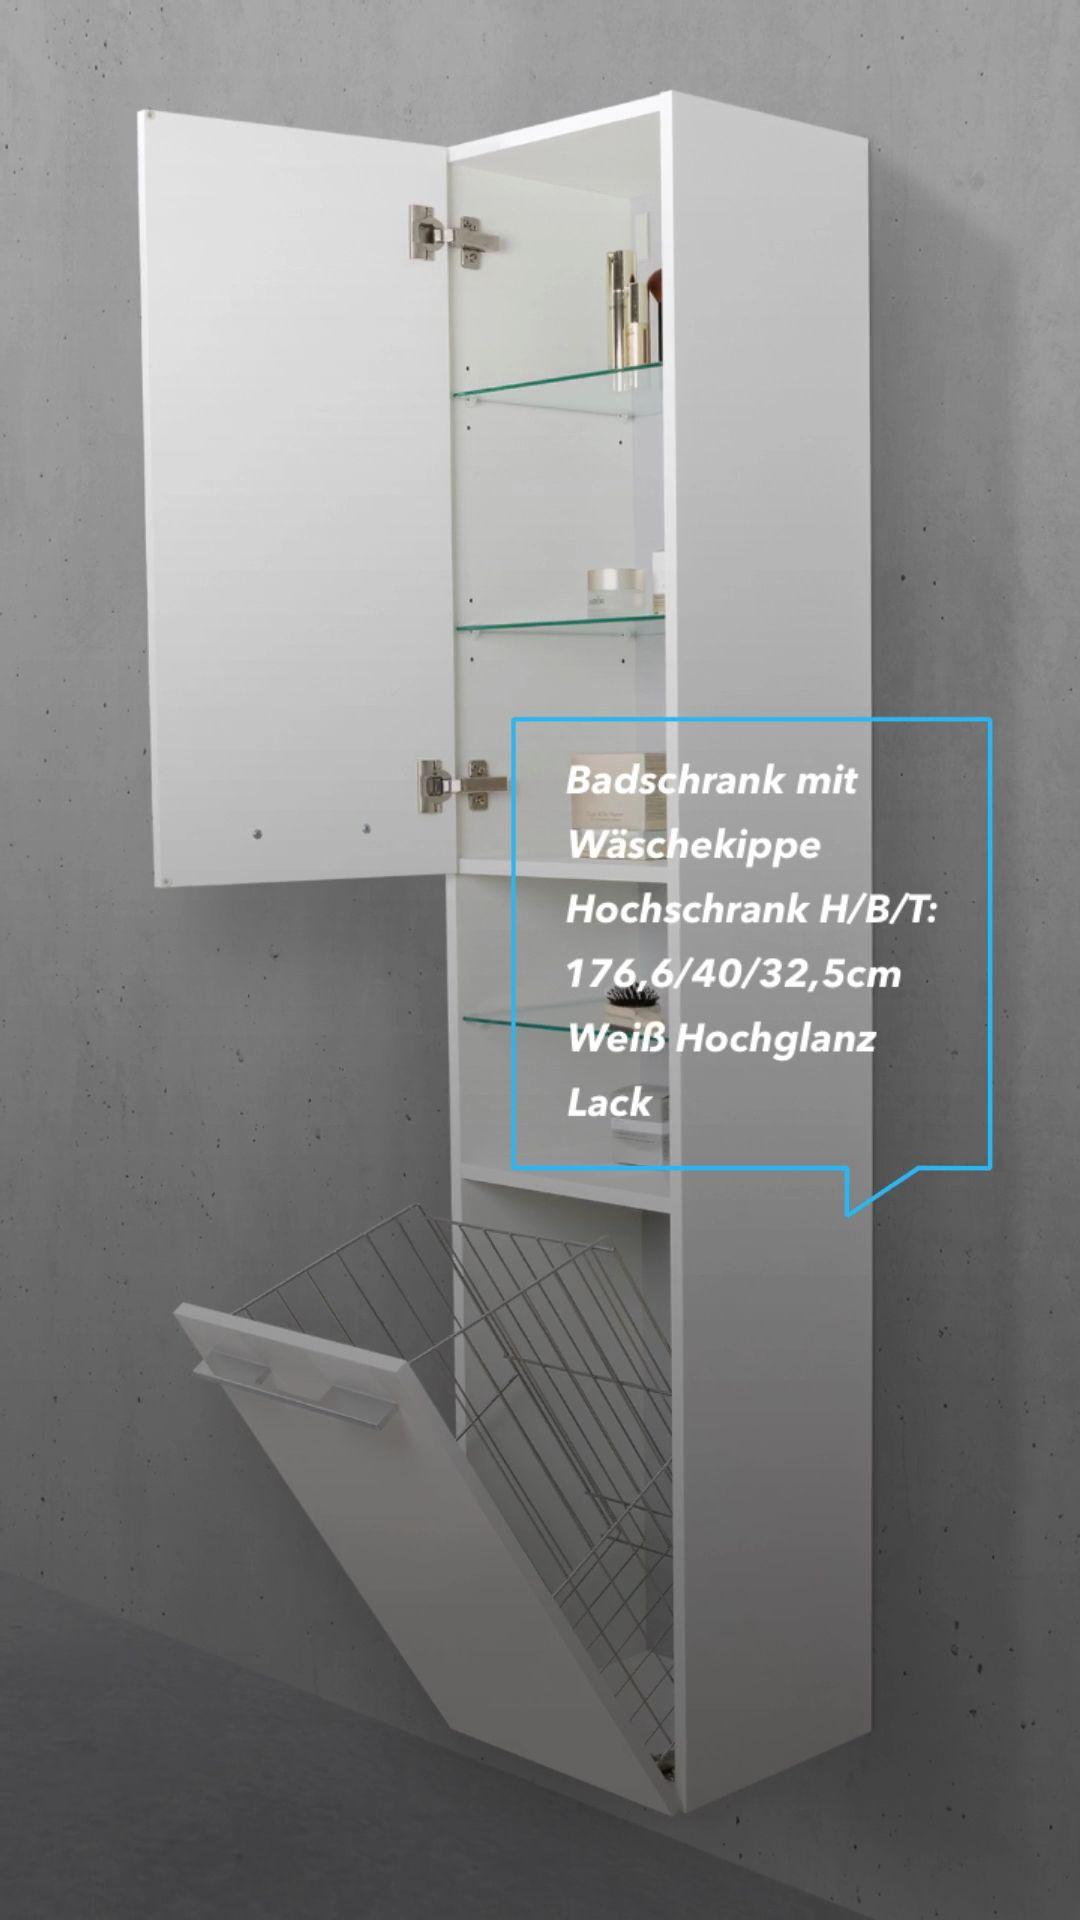 Seitenschranke Mit Waschekippe Breite 40 Cm Video In 2020 Schrank Tolle Badezimmer Wohnung Einrichten Tipps